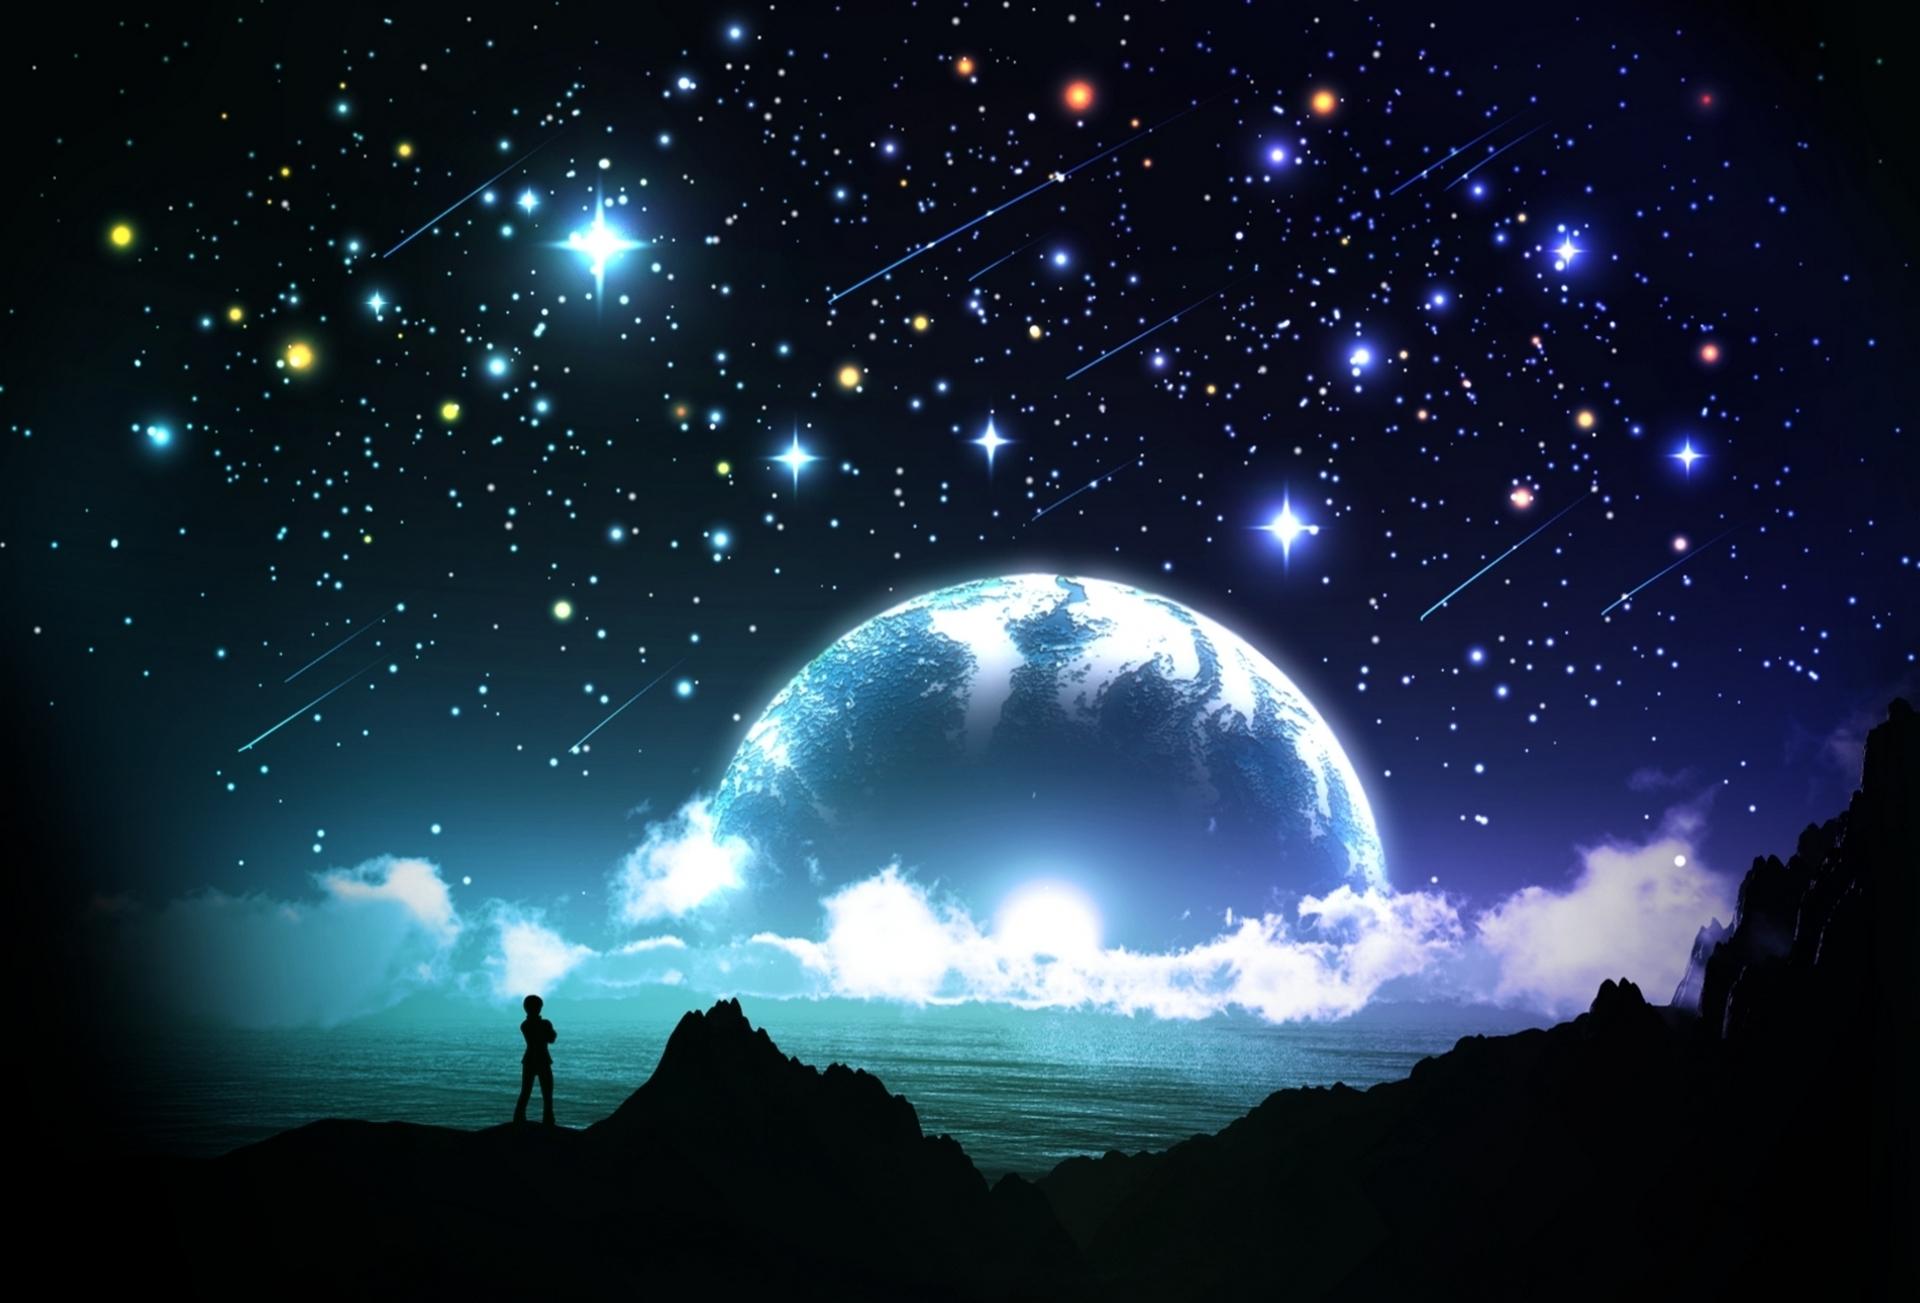 падающая звезда луна ночь небо бесплатно